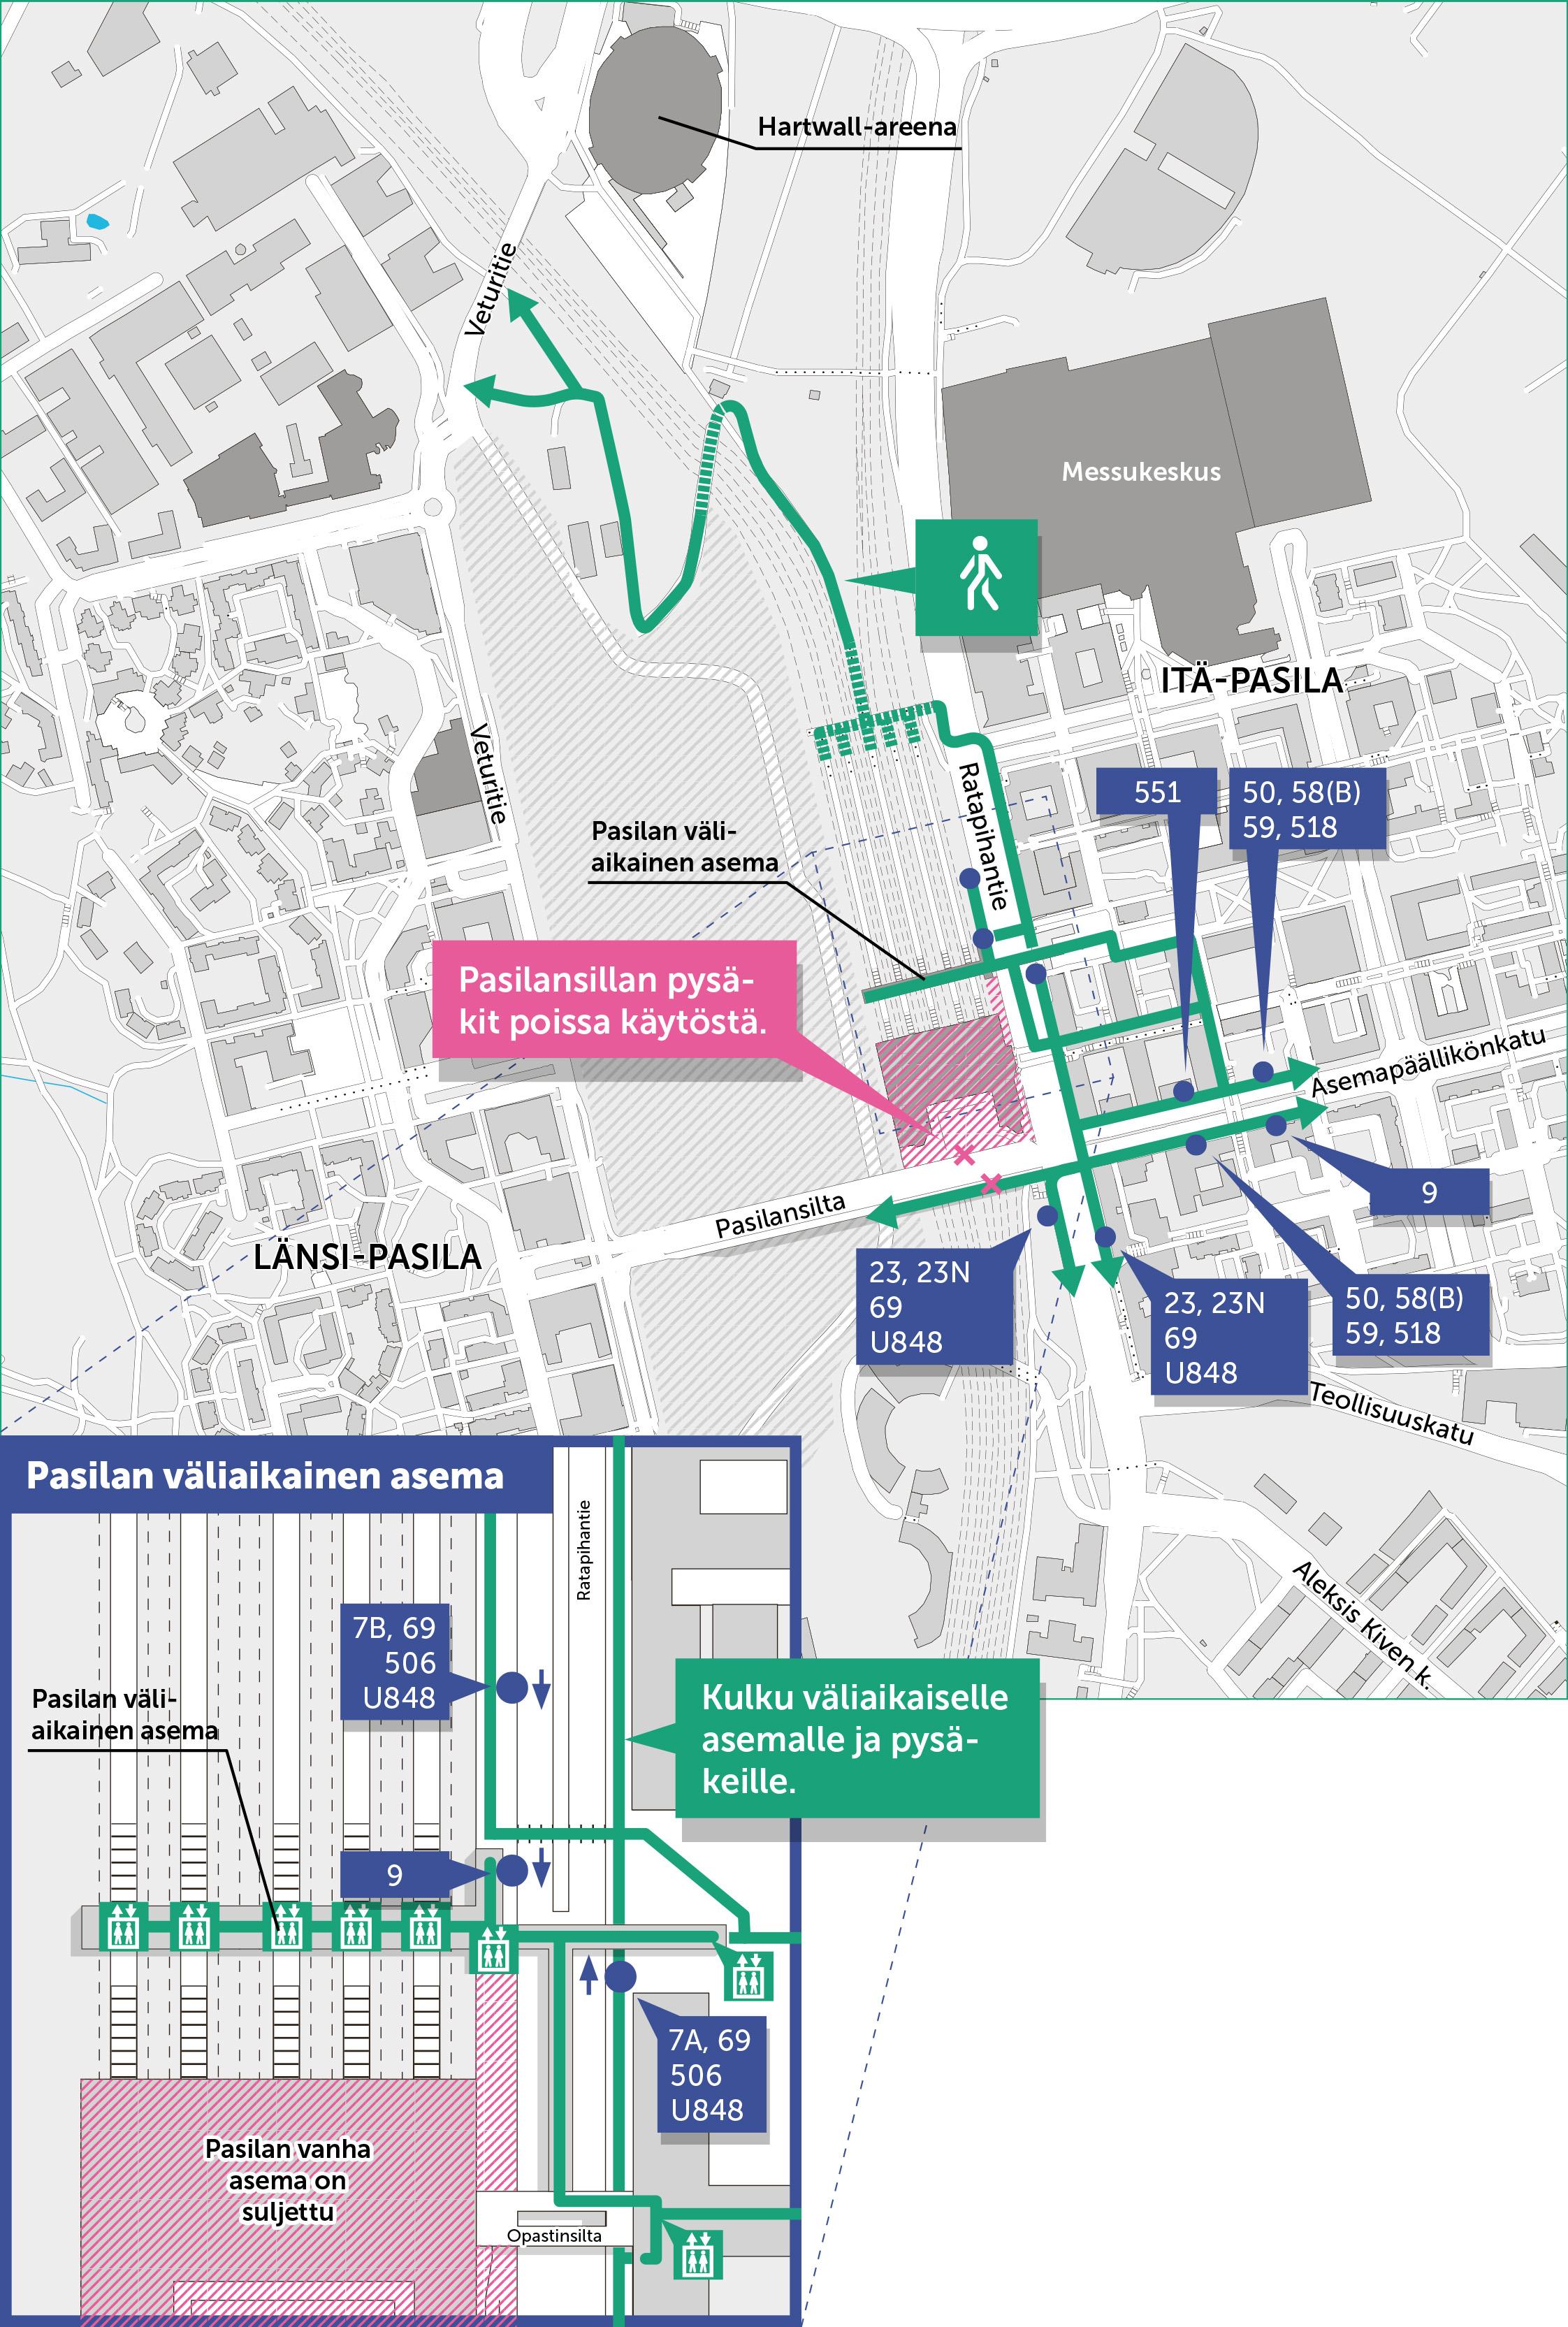 Kävelyreitit ja joukkoliikenteen pysäkit Pasilan asemalla 19.6.2017 alkaen